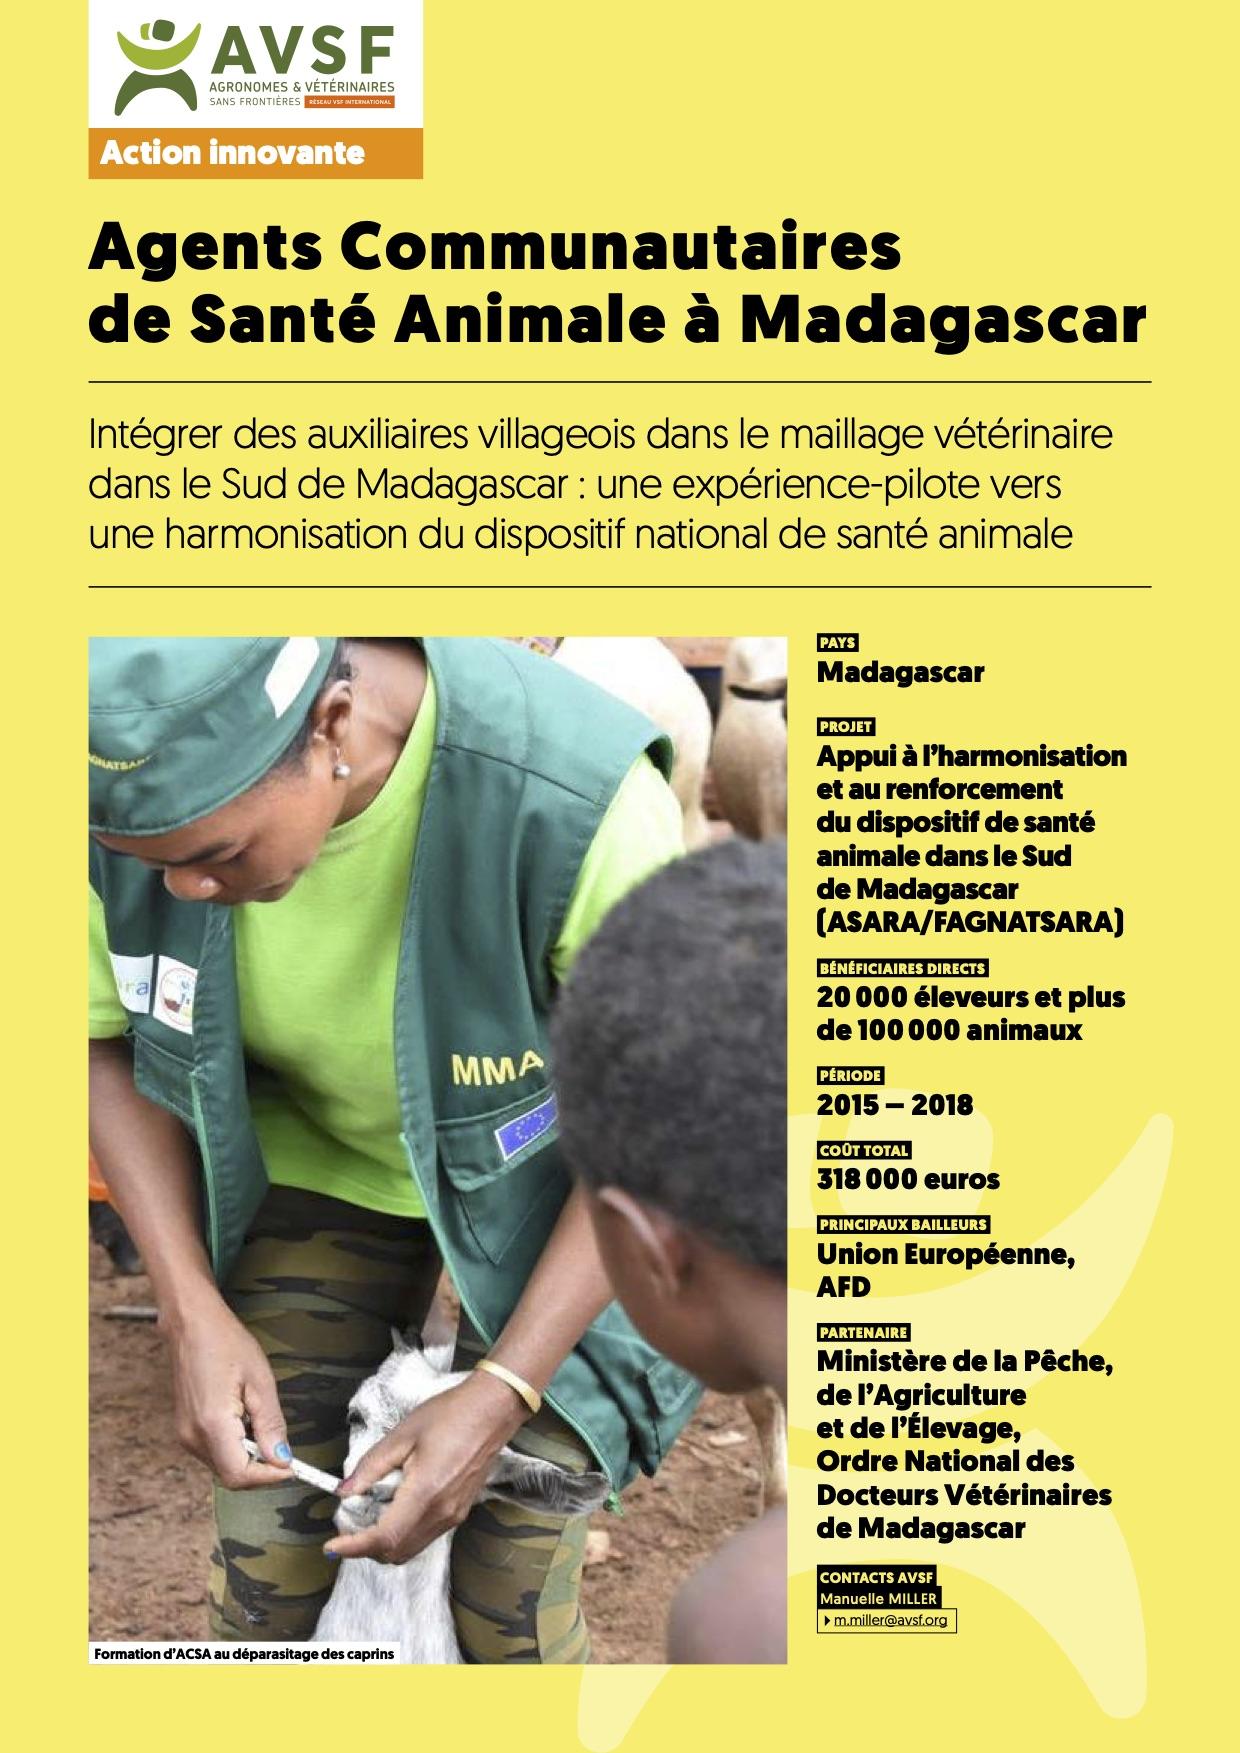 Les actions innovantes d'AVSF : Des agents communataires de santé animale à Madagascar  Image principale